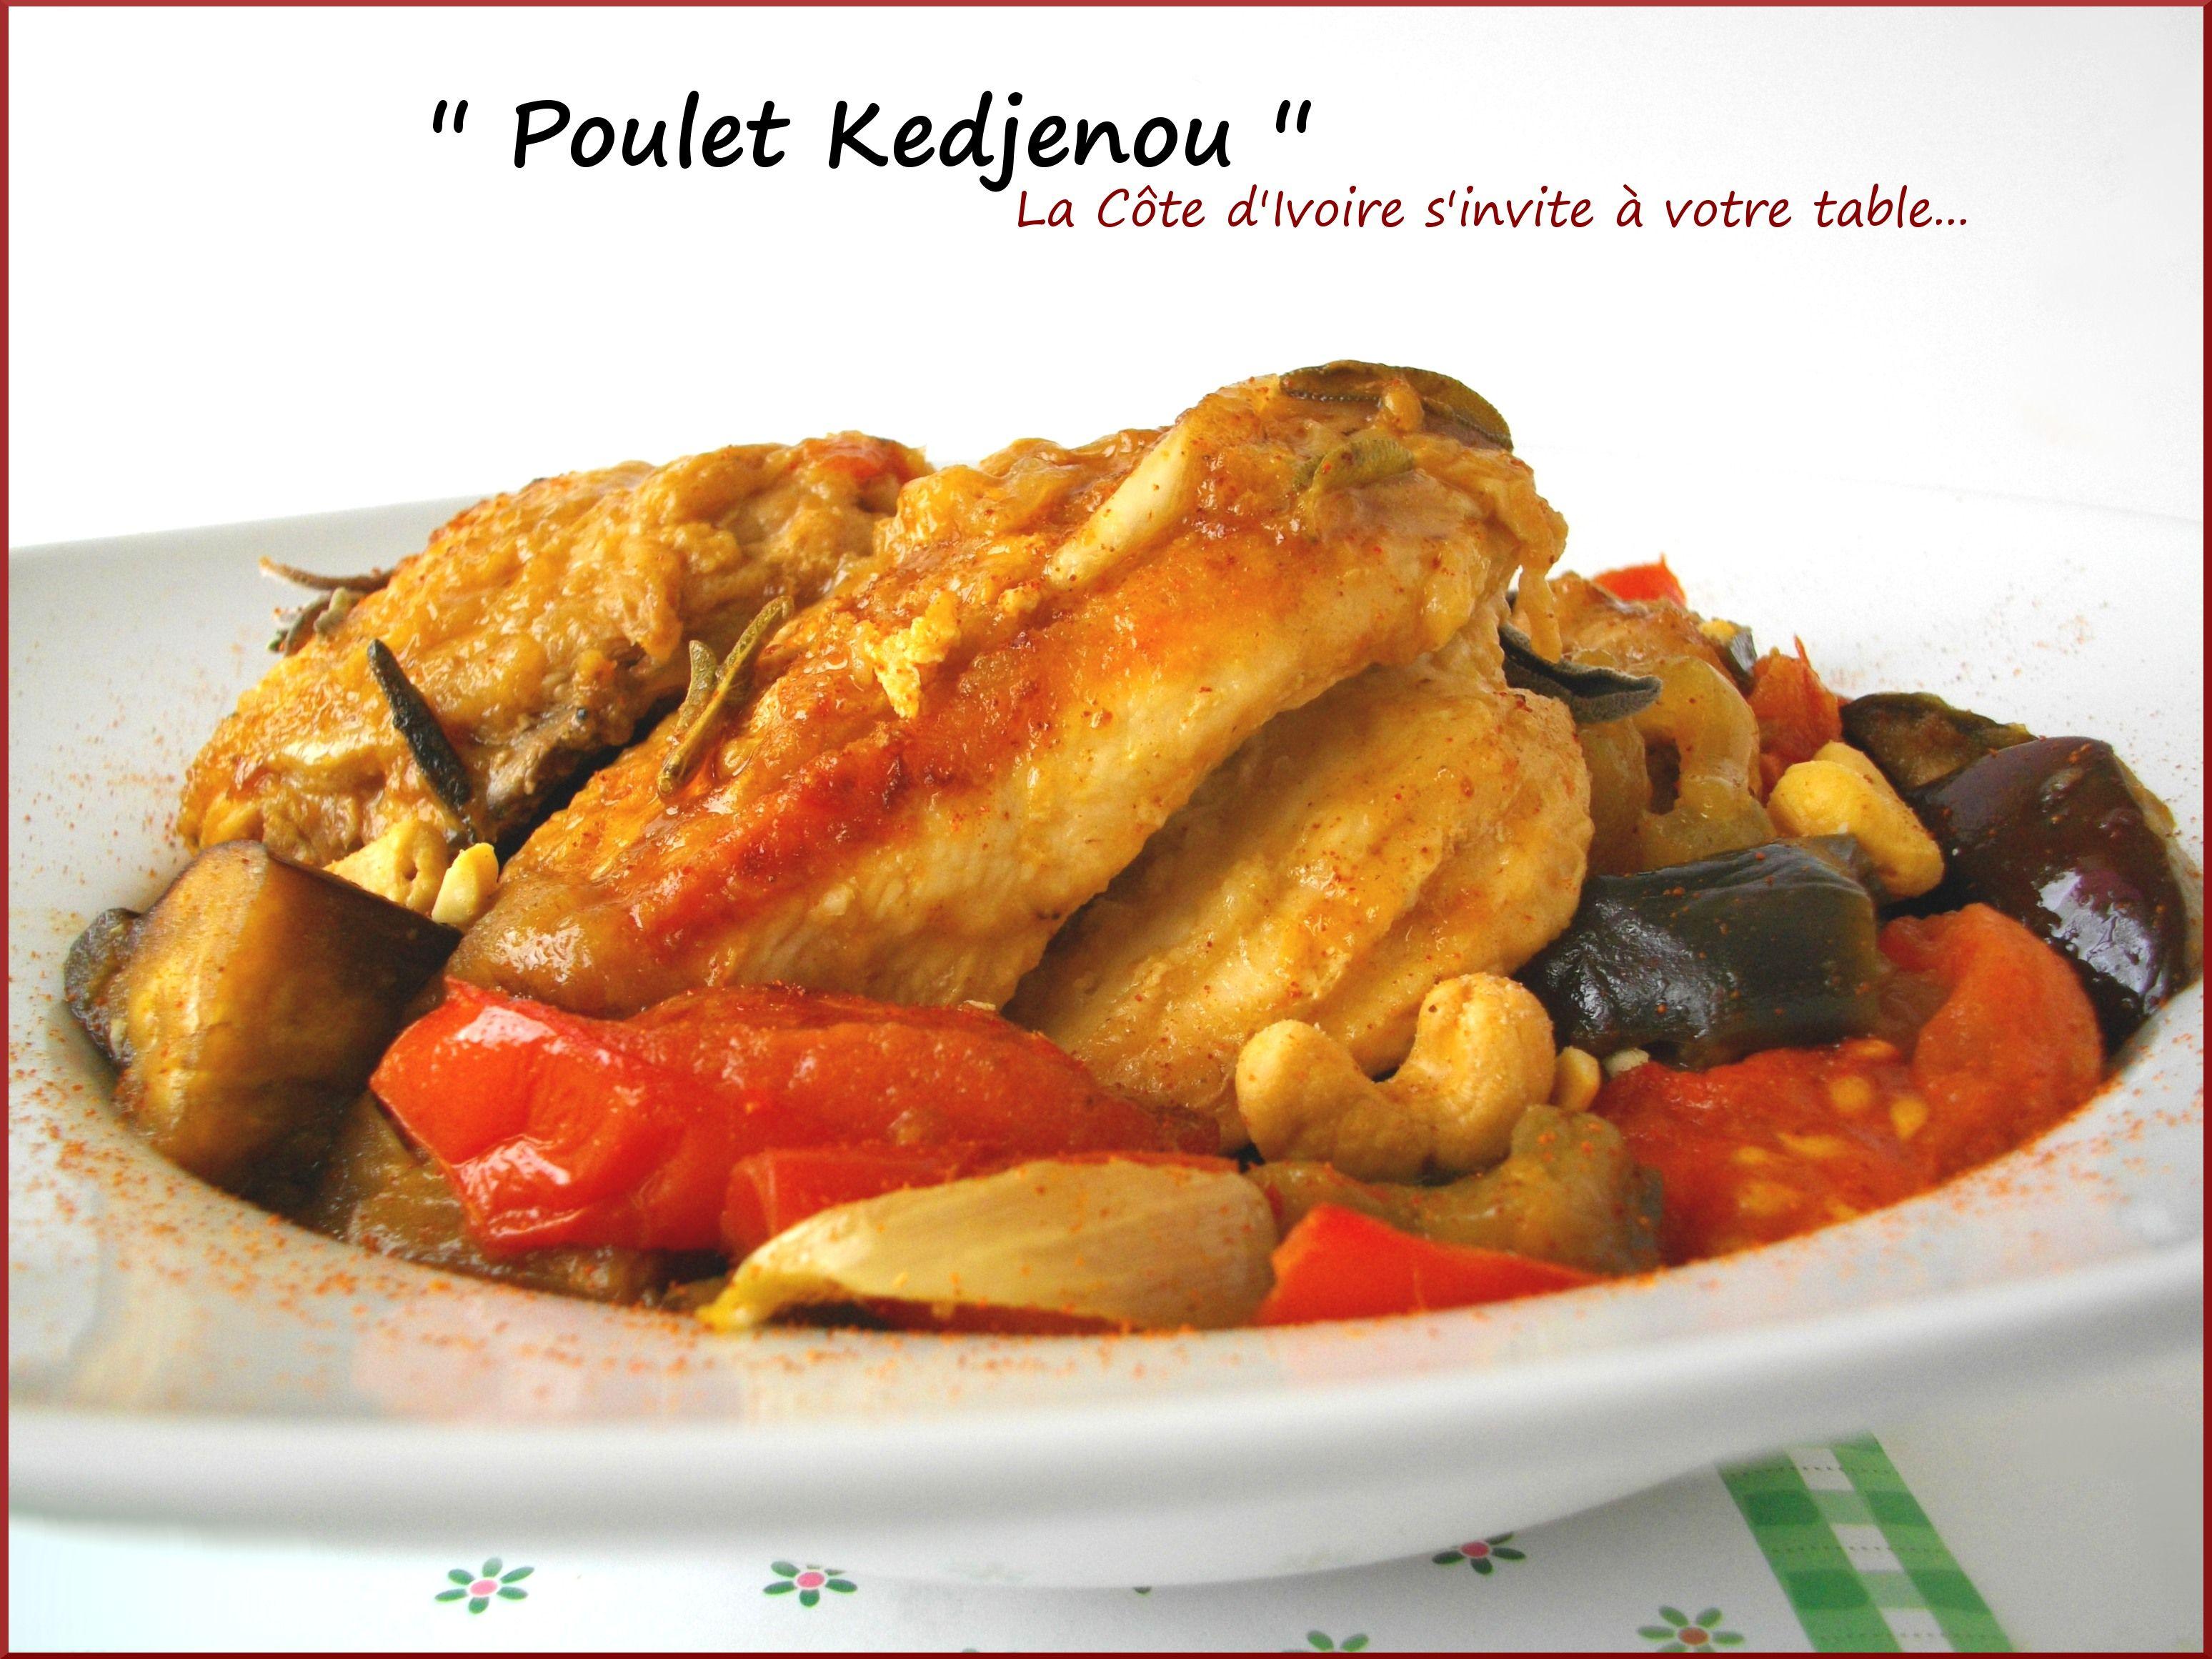 Poulet kedjenou recette ivoirienne recette afrique de l 39 ouest pinterest ivoirien poulet - Cuisine africaine facile ...